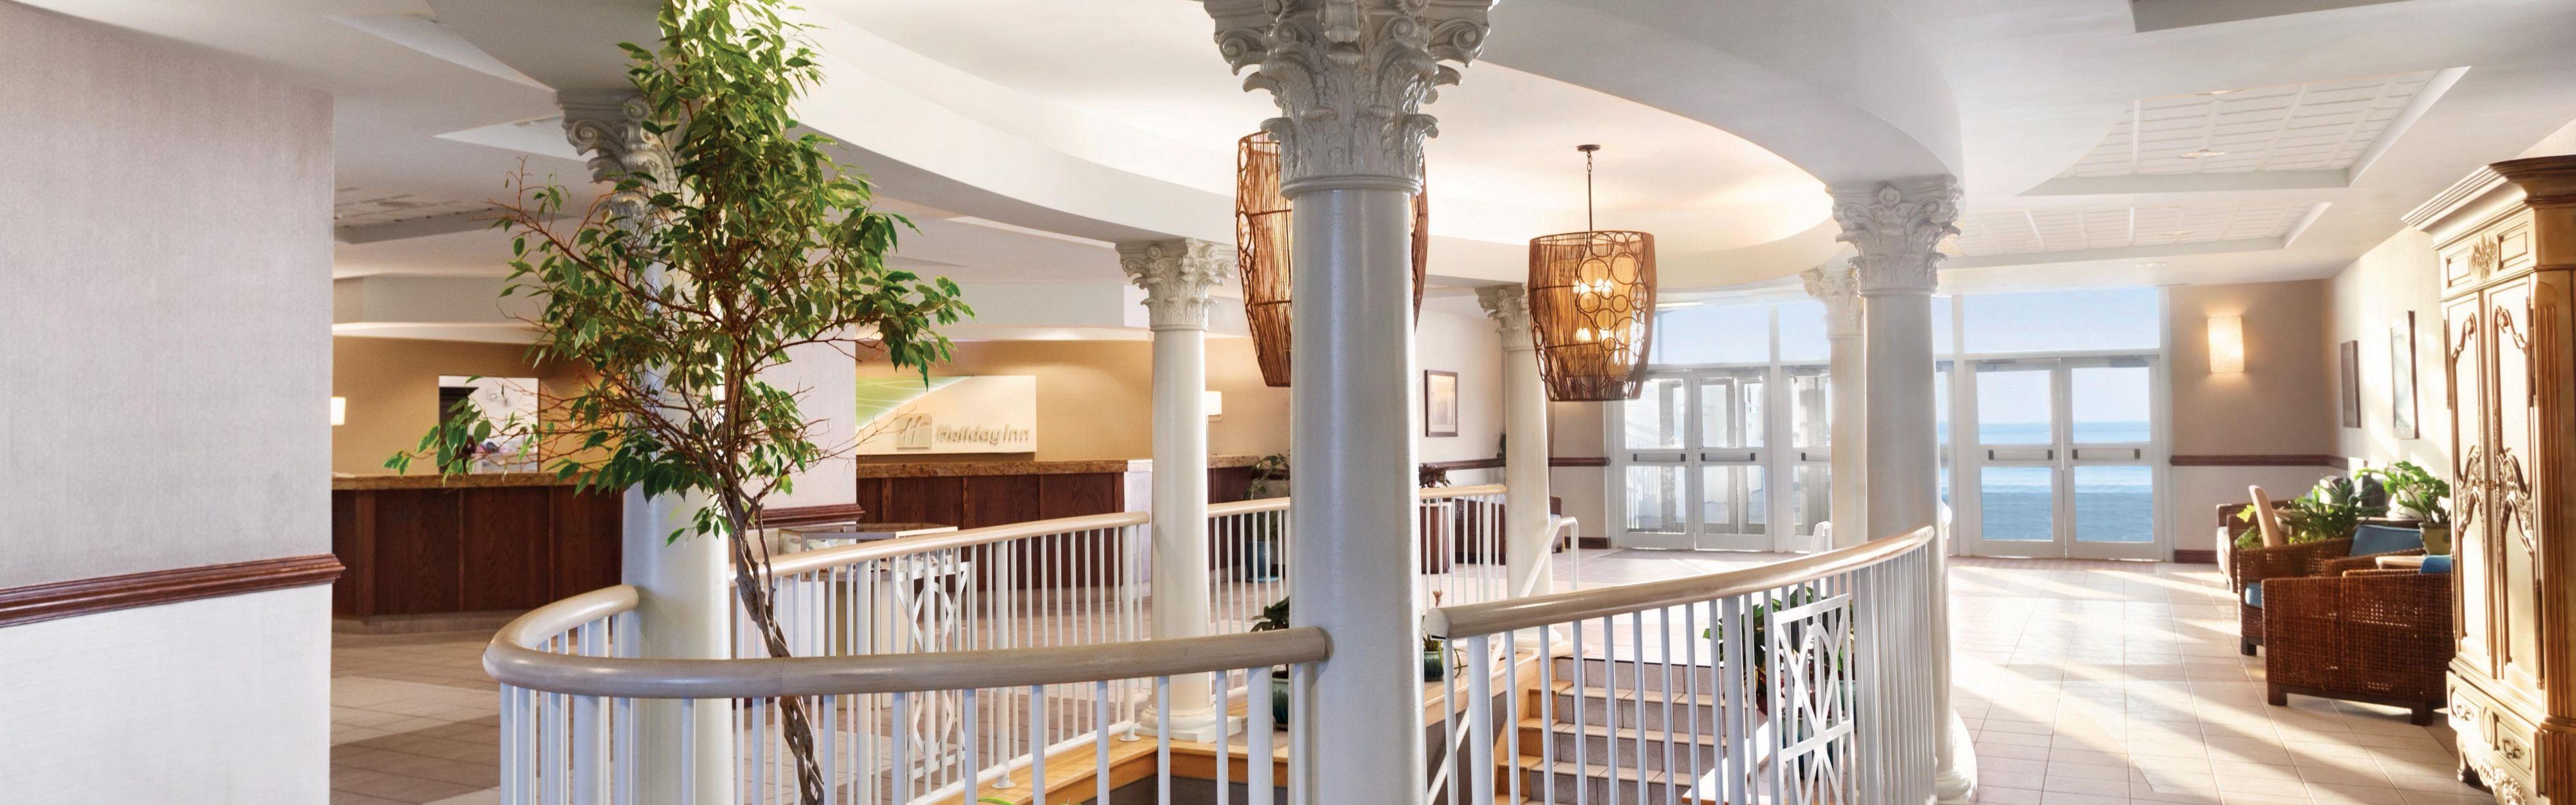 Ocean City Hotel In Maryland   Holiday Inn U0026 Suites Ocean City